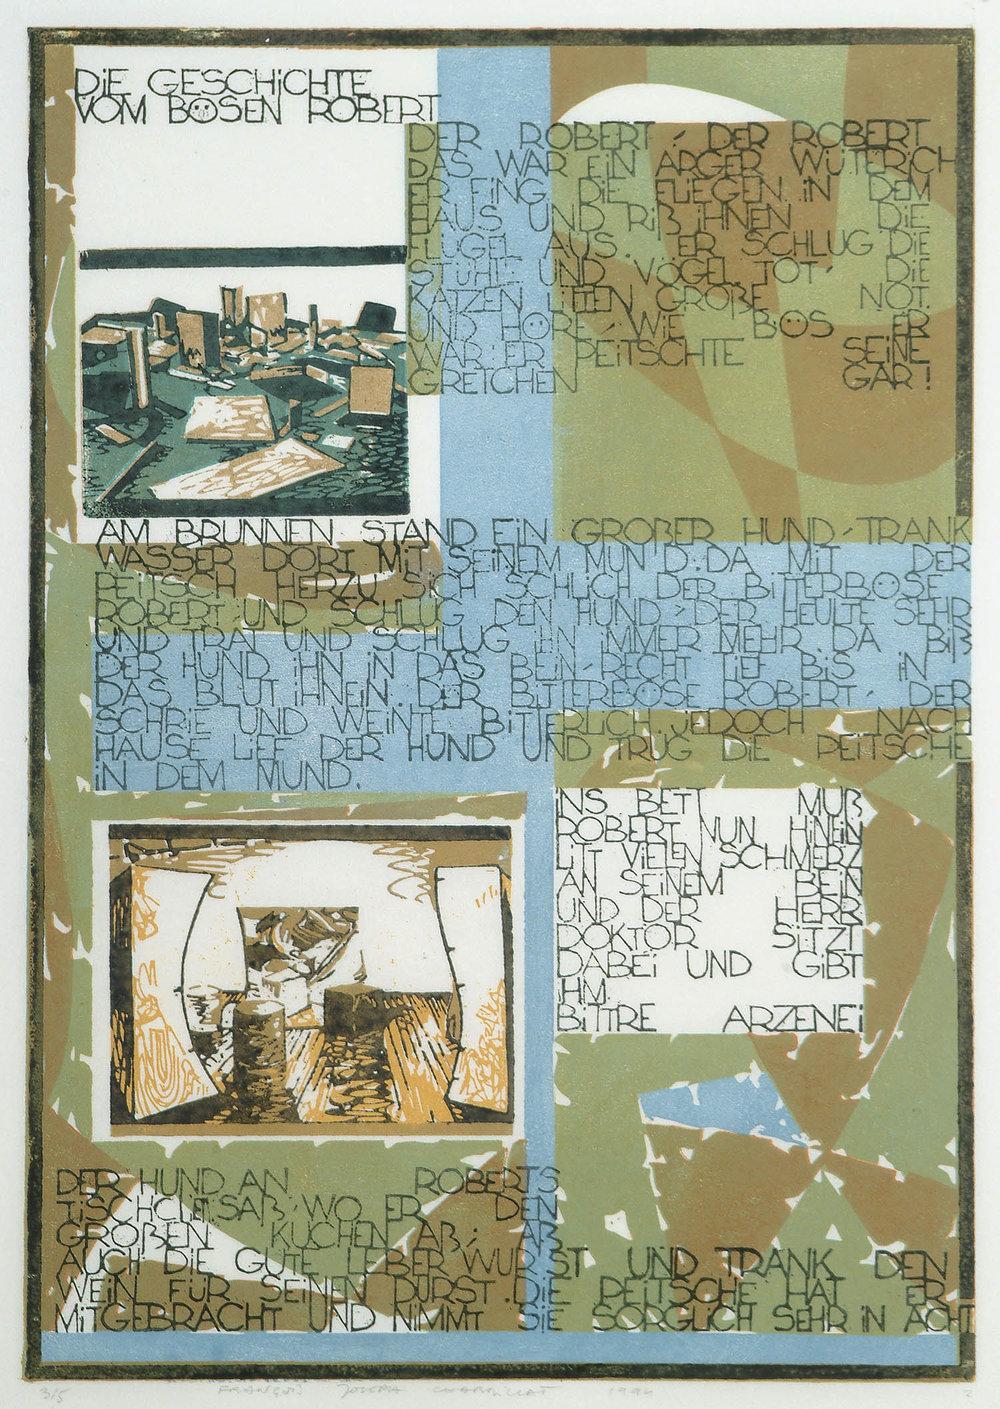 Die Geschichte vom Bösen Robert | 1994 | farbiger Linolschnitt auf Papier | 50 x 35 cm